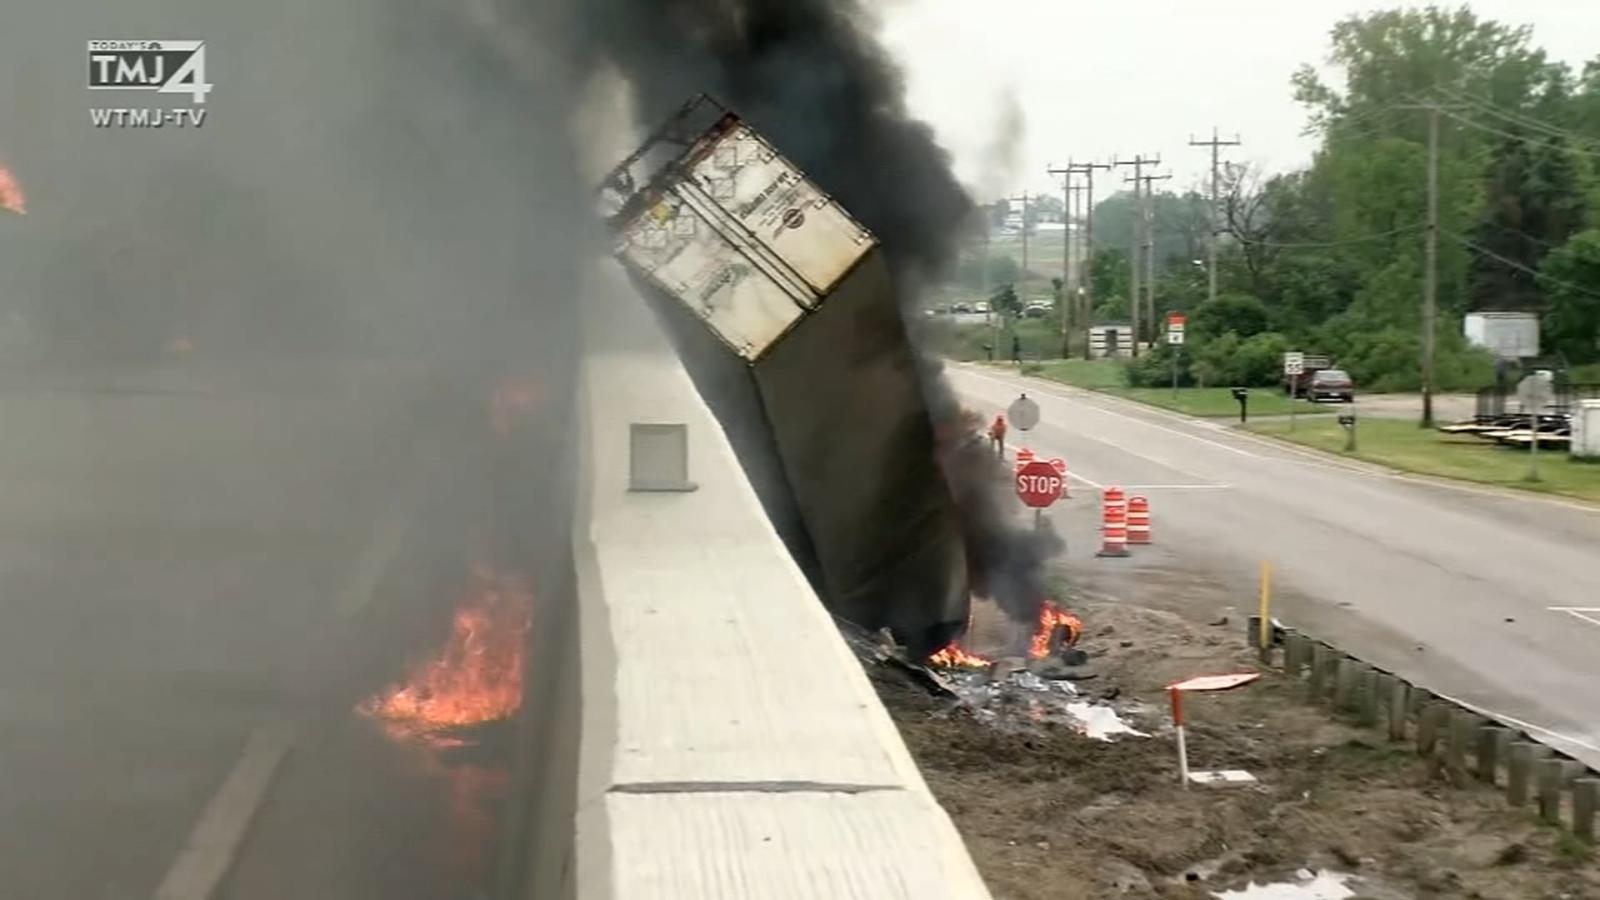 2 dead in fiery semi crash, explosion on I-94 in Racine Co